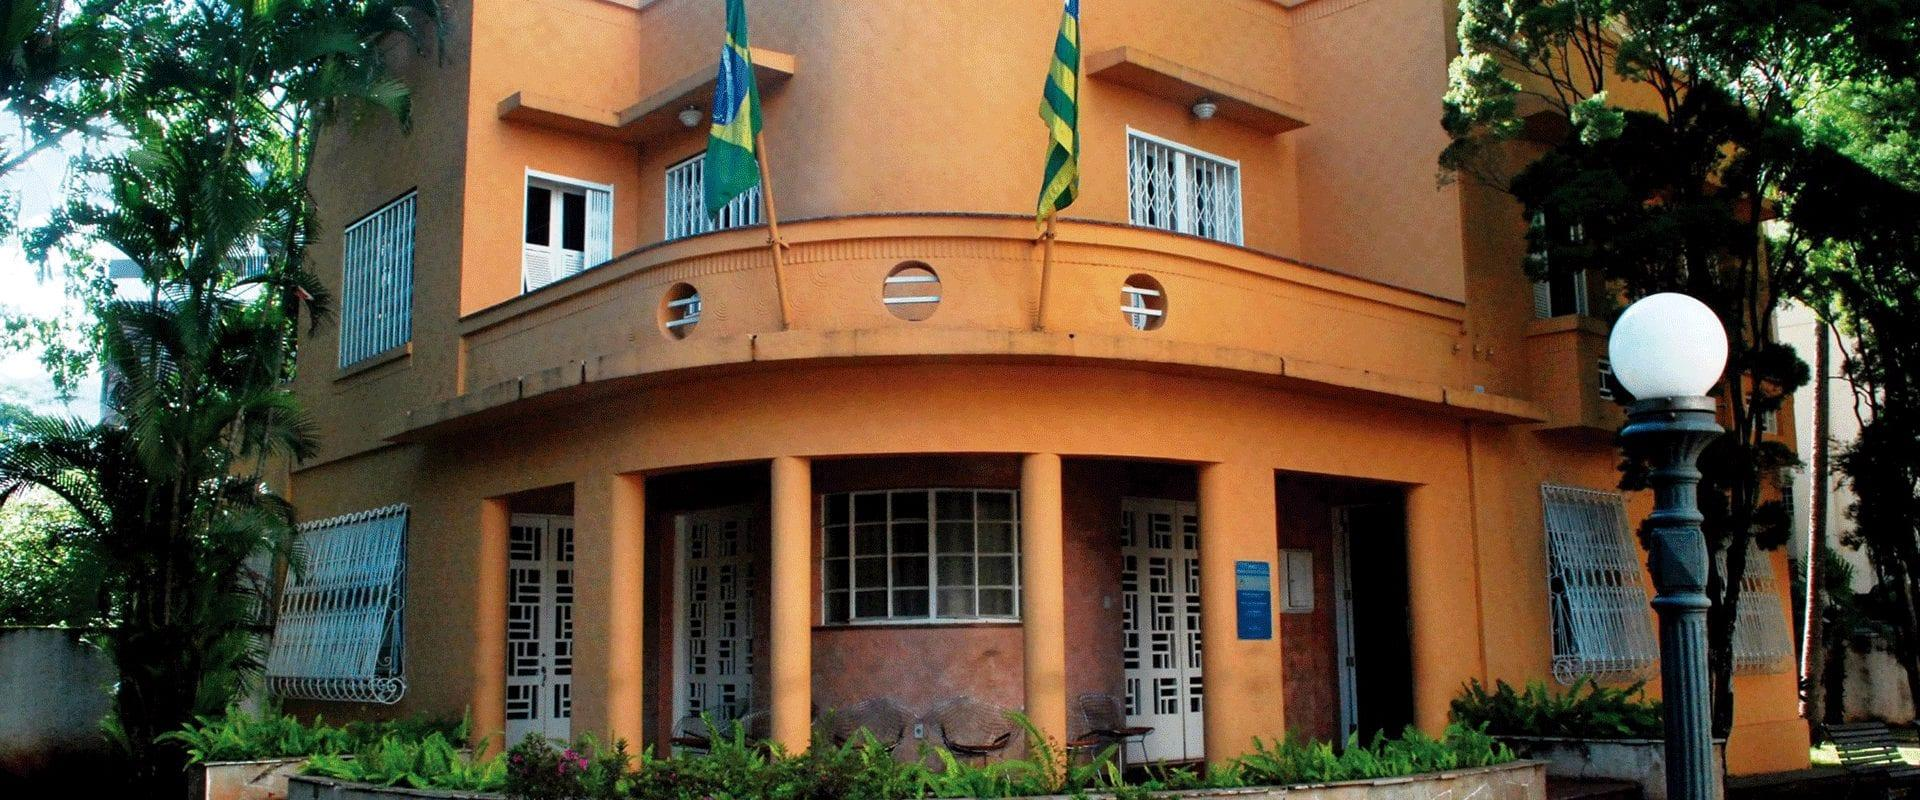 museus em Goiânia